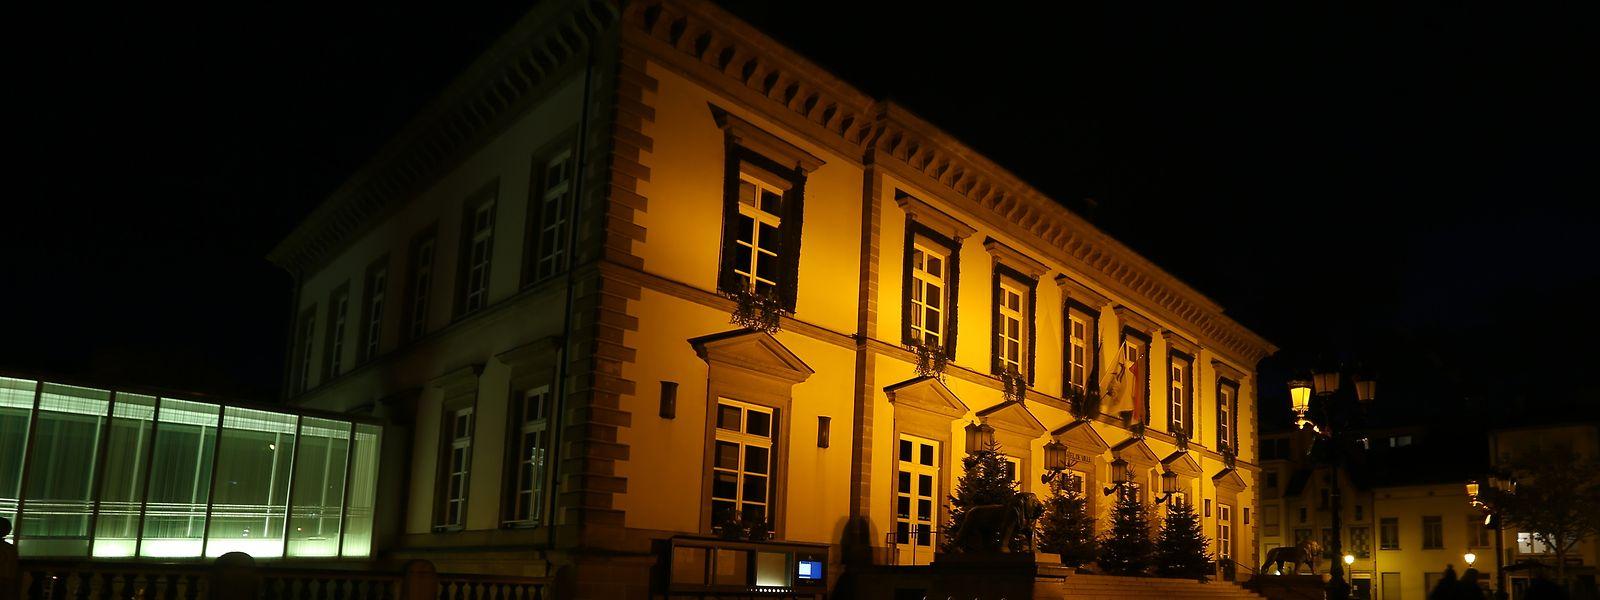 Auch dieses Jahr werden wieder viele Gebäude orange angestrahlt, um Solidarität zu bekunden